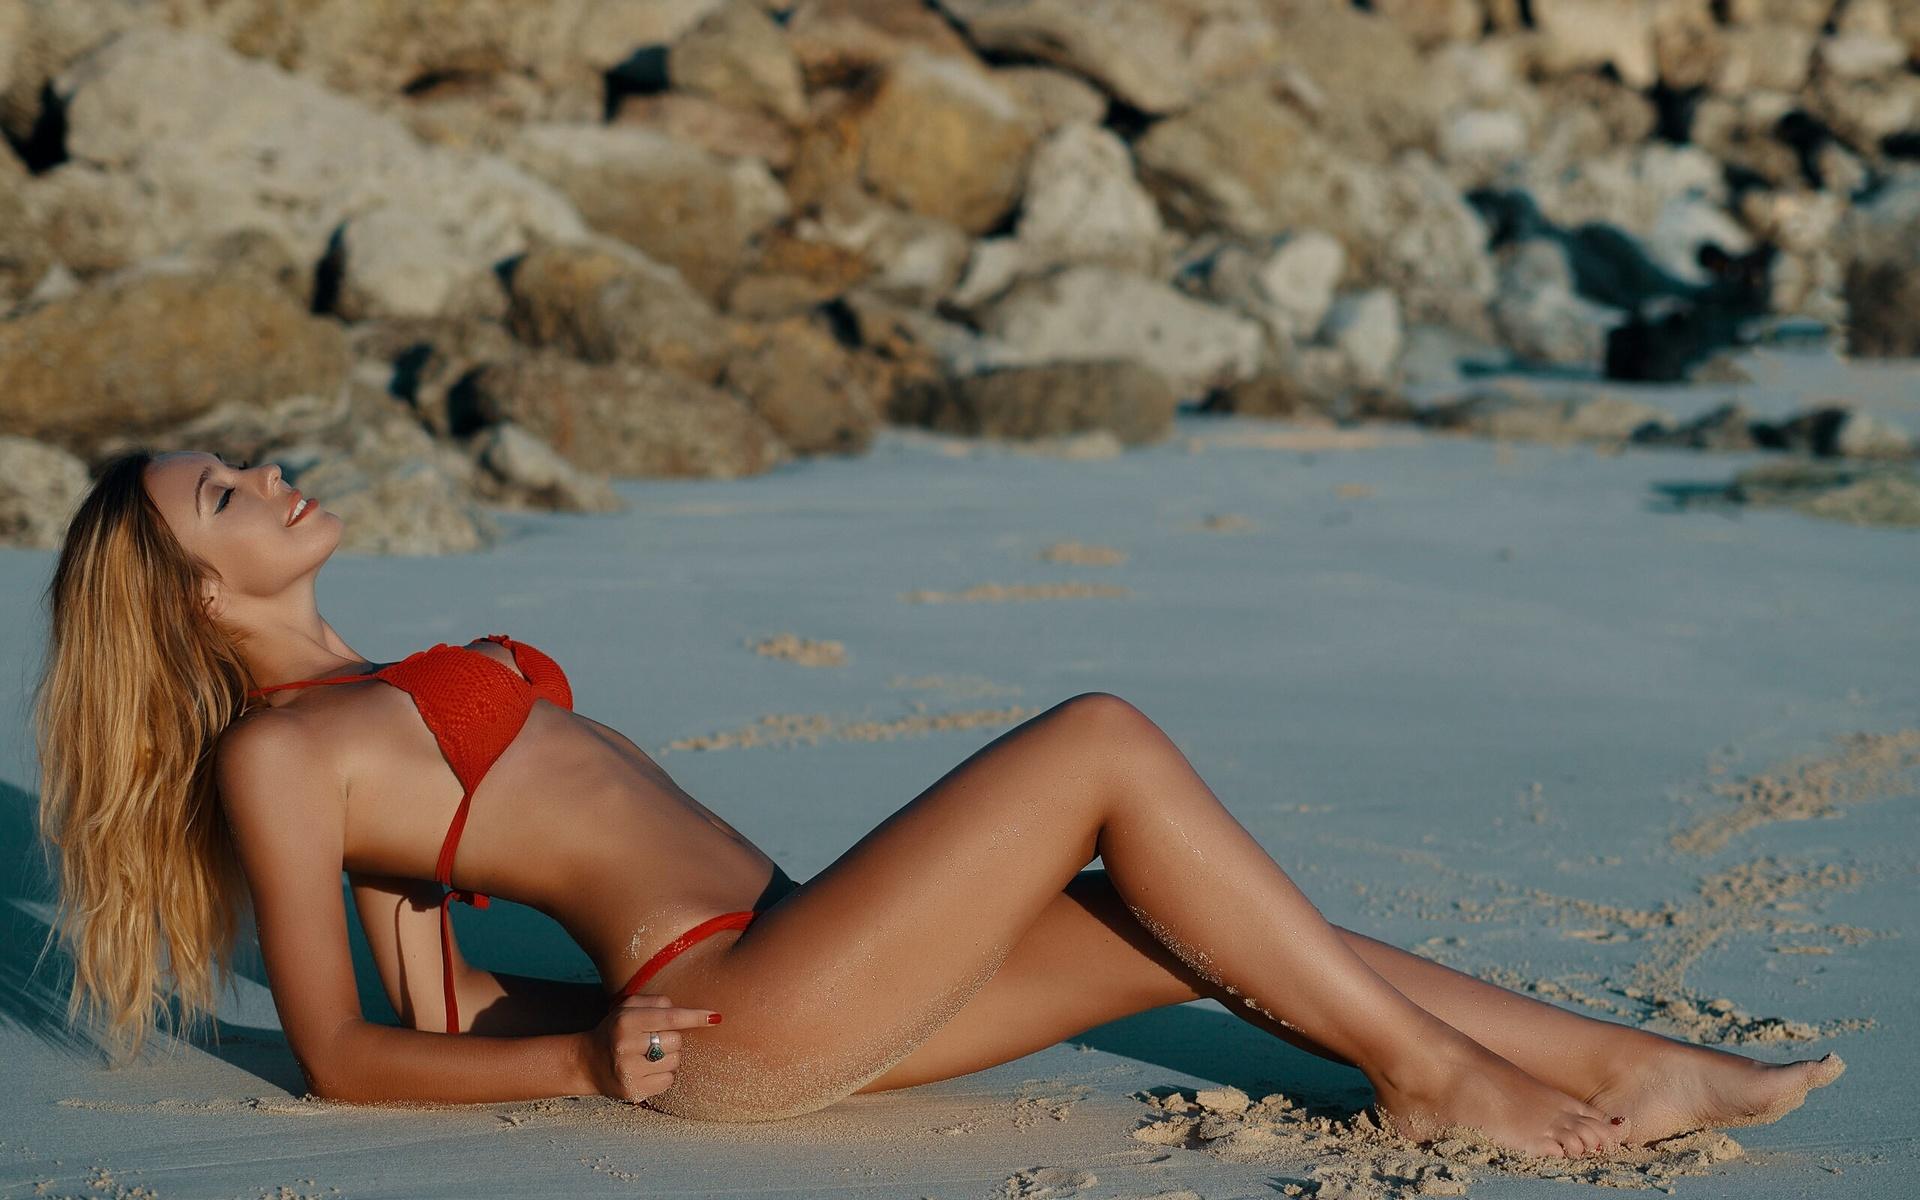 девушка, поза, купальник, берег, песок, камни